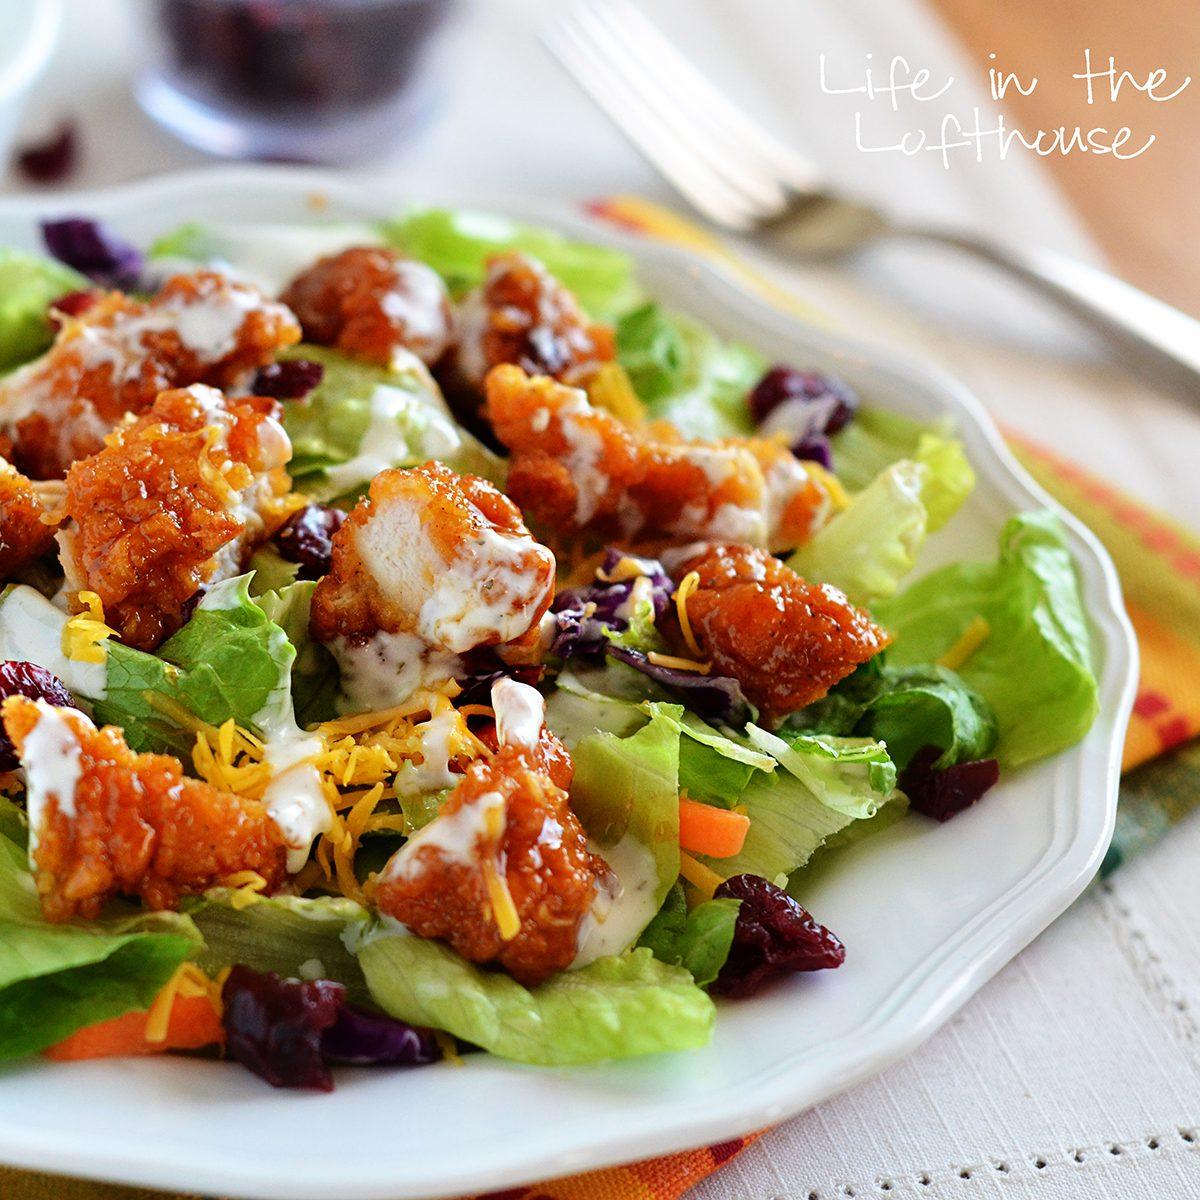 Sticky chicken fingers salad